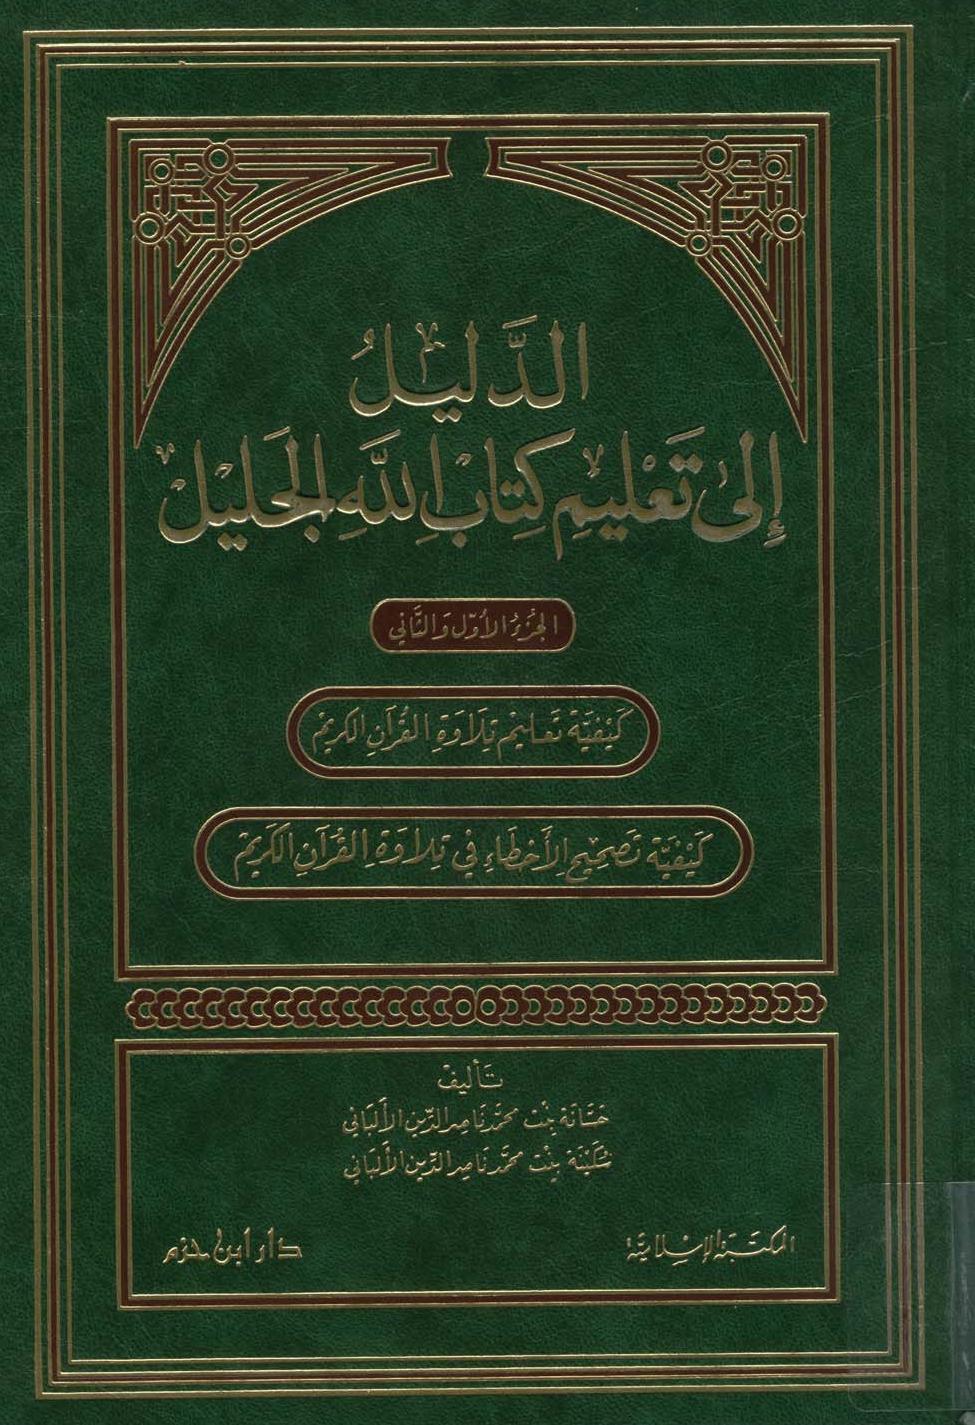 تحميل كتاب الدليل إلى تعليم كتاب الله الجليل لـِ: حسانة بنت محمد ناصر الدين الألباني